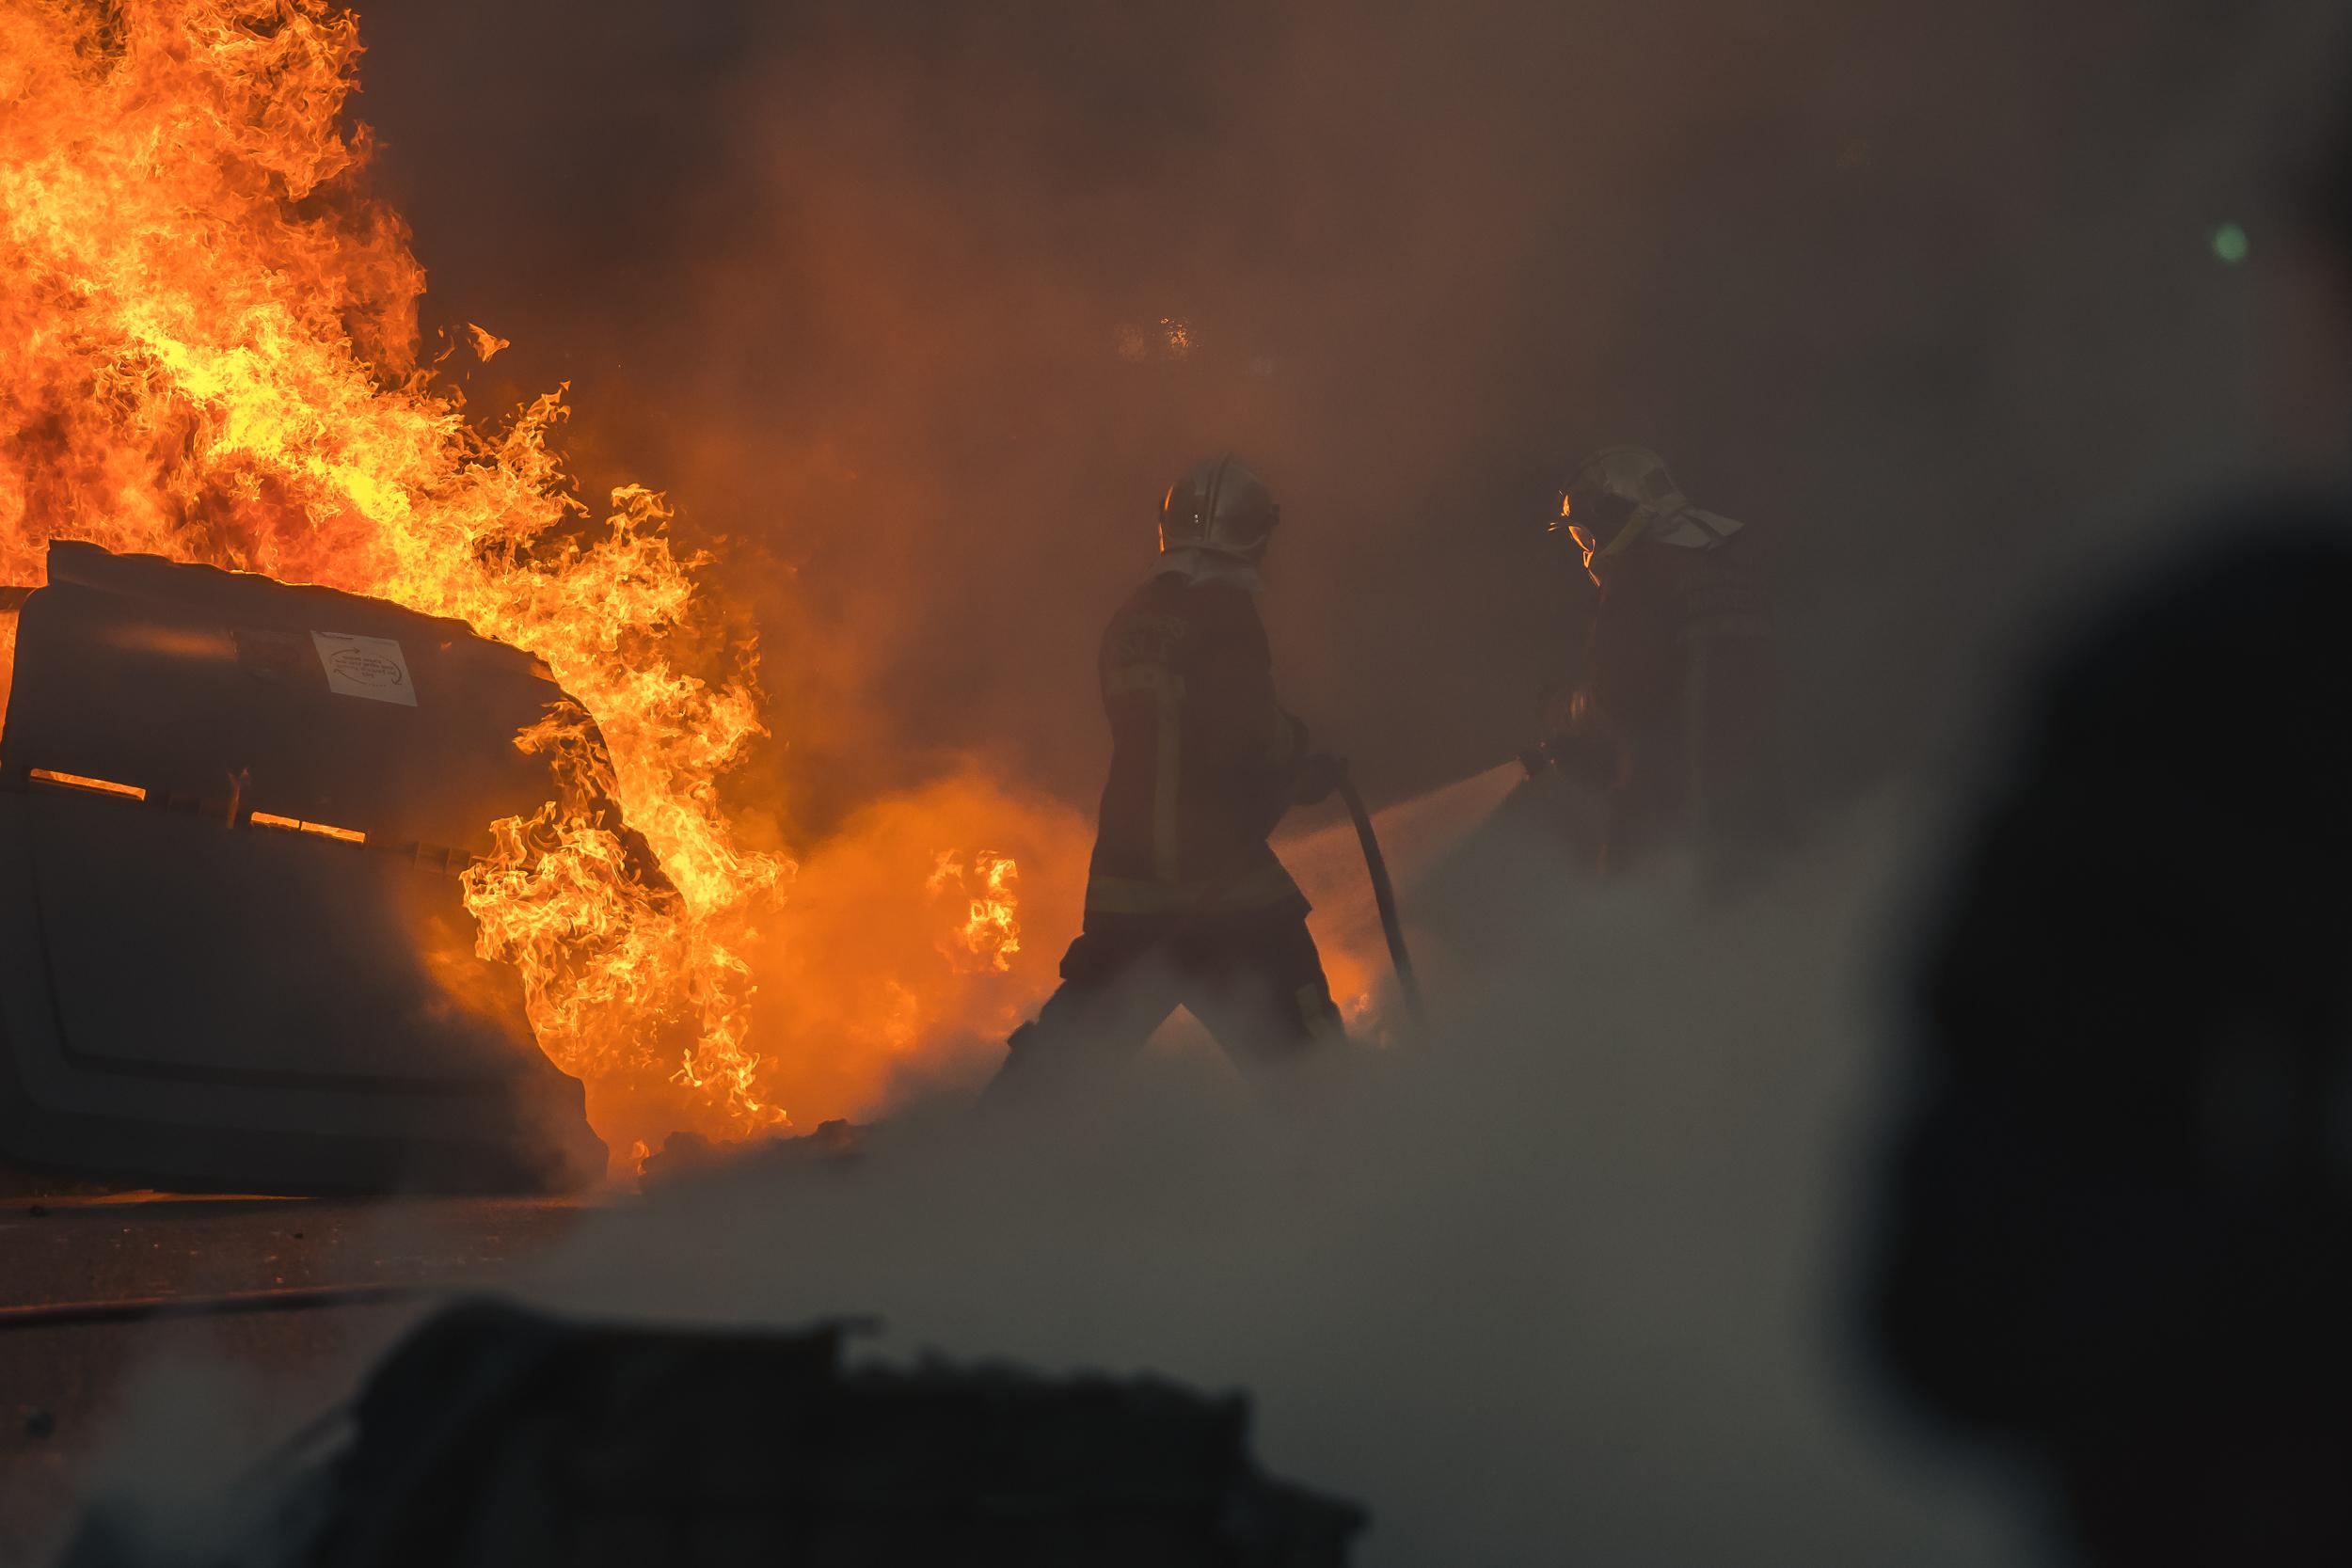 Les pompiers interviennent pour chaque poubelle brulée.